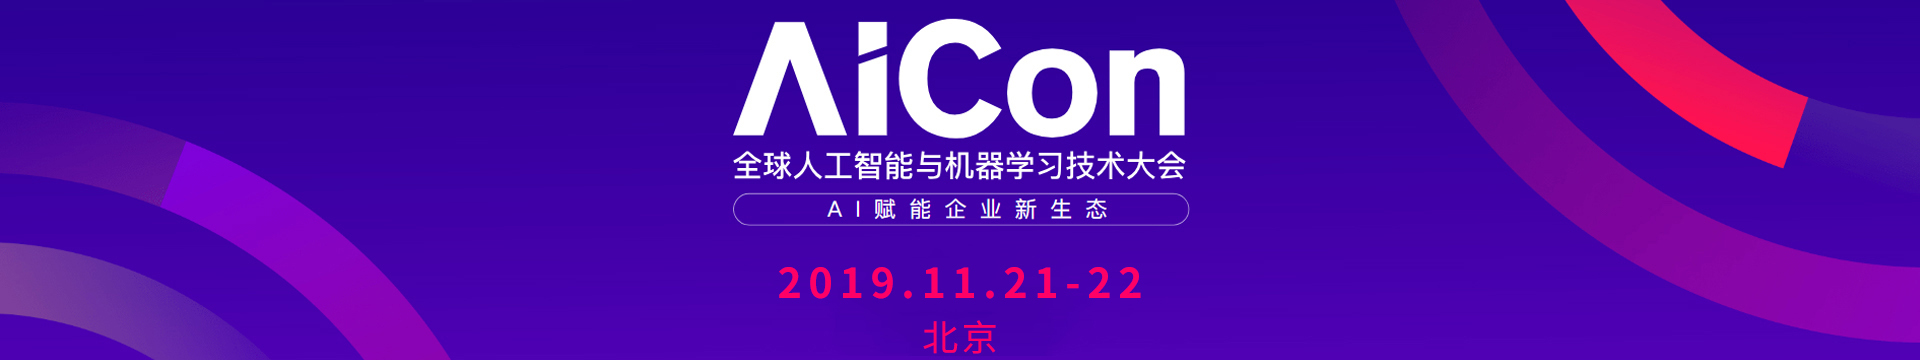 AICon 全球人工智能與機器學習技術大會2019(北京)